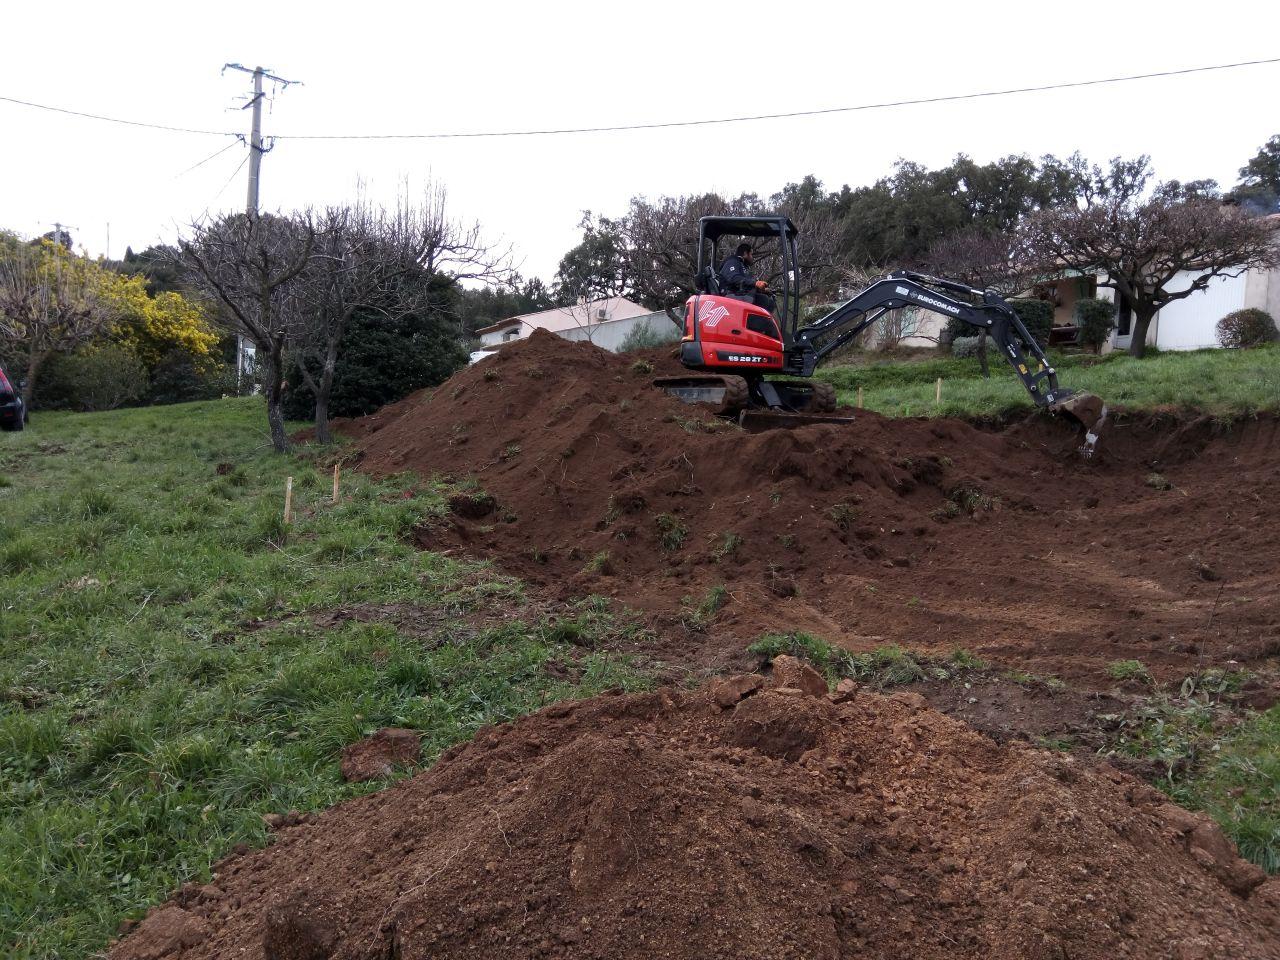 début du terrassement du plateau de la maison, coté sud, il y a une belle terre végétale.